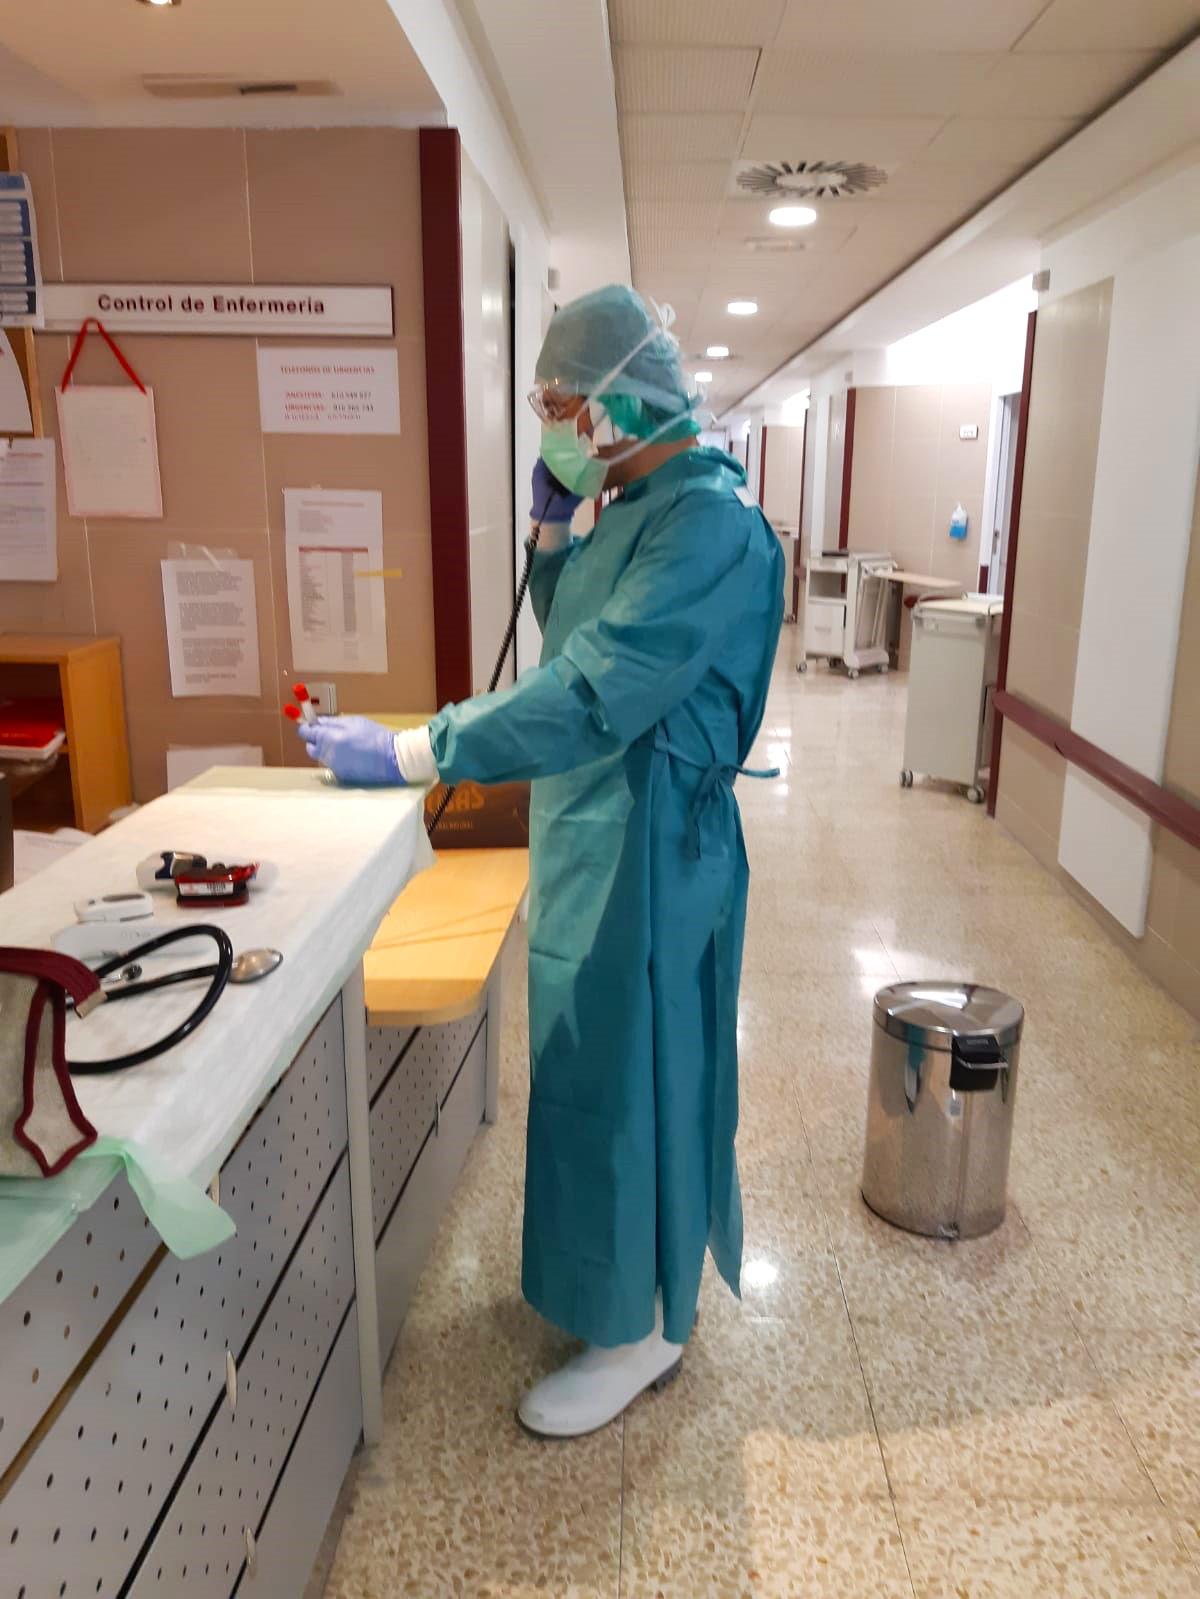 La falta de laboratorios preparados y de personal especializado para realizar las pruebas de PCR se convirtieron en el gran problema inicial para detectar a tiempo el virus